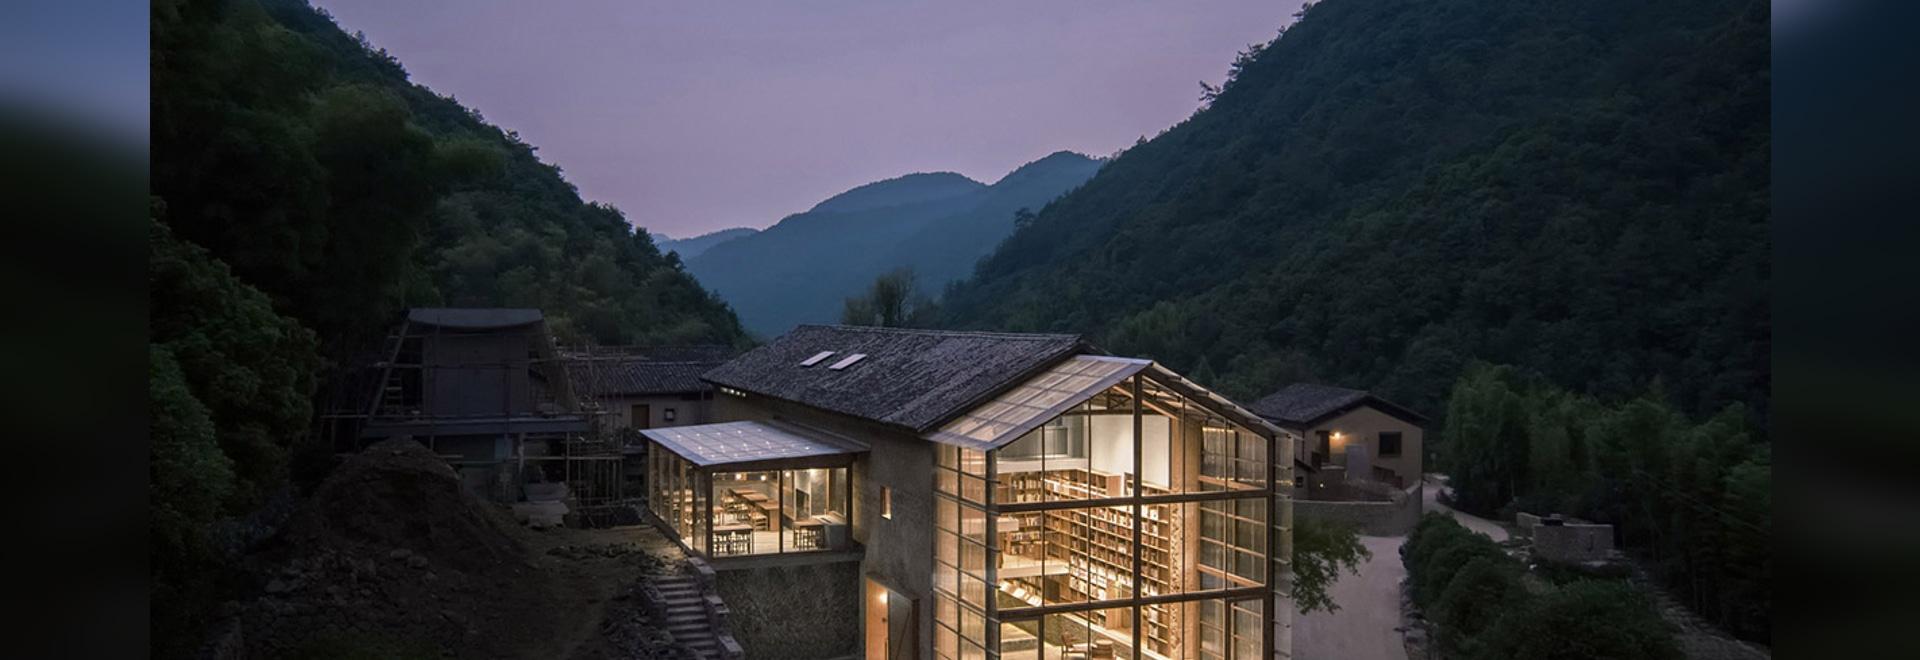 Atelier Tao+C converte il vecchio edificio in un hotel a capsula con pannelli di policarbonato ondulato in Cina